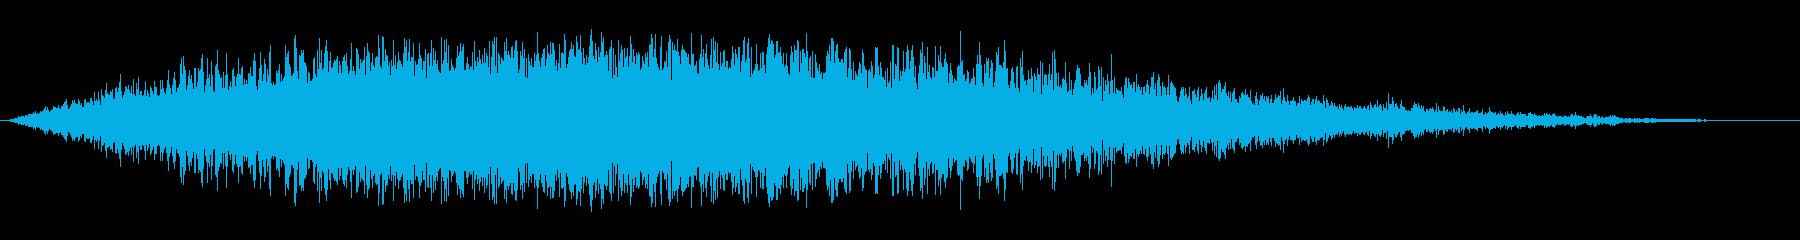 中空ブラストフーシュの再生済みの波形